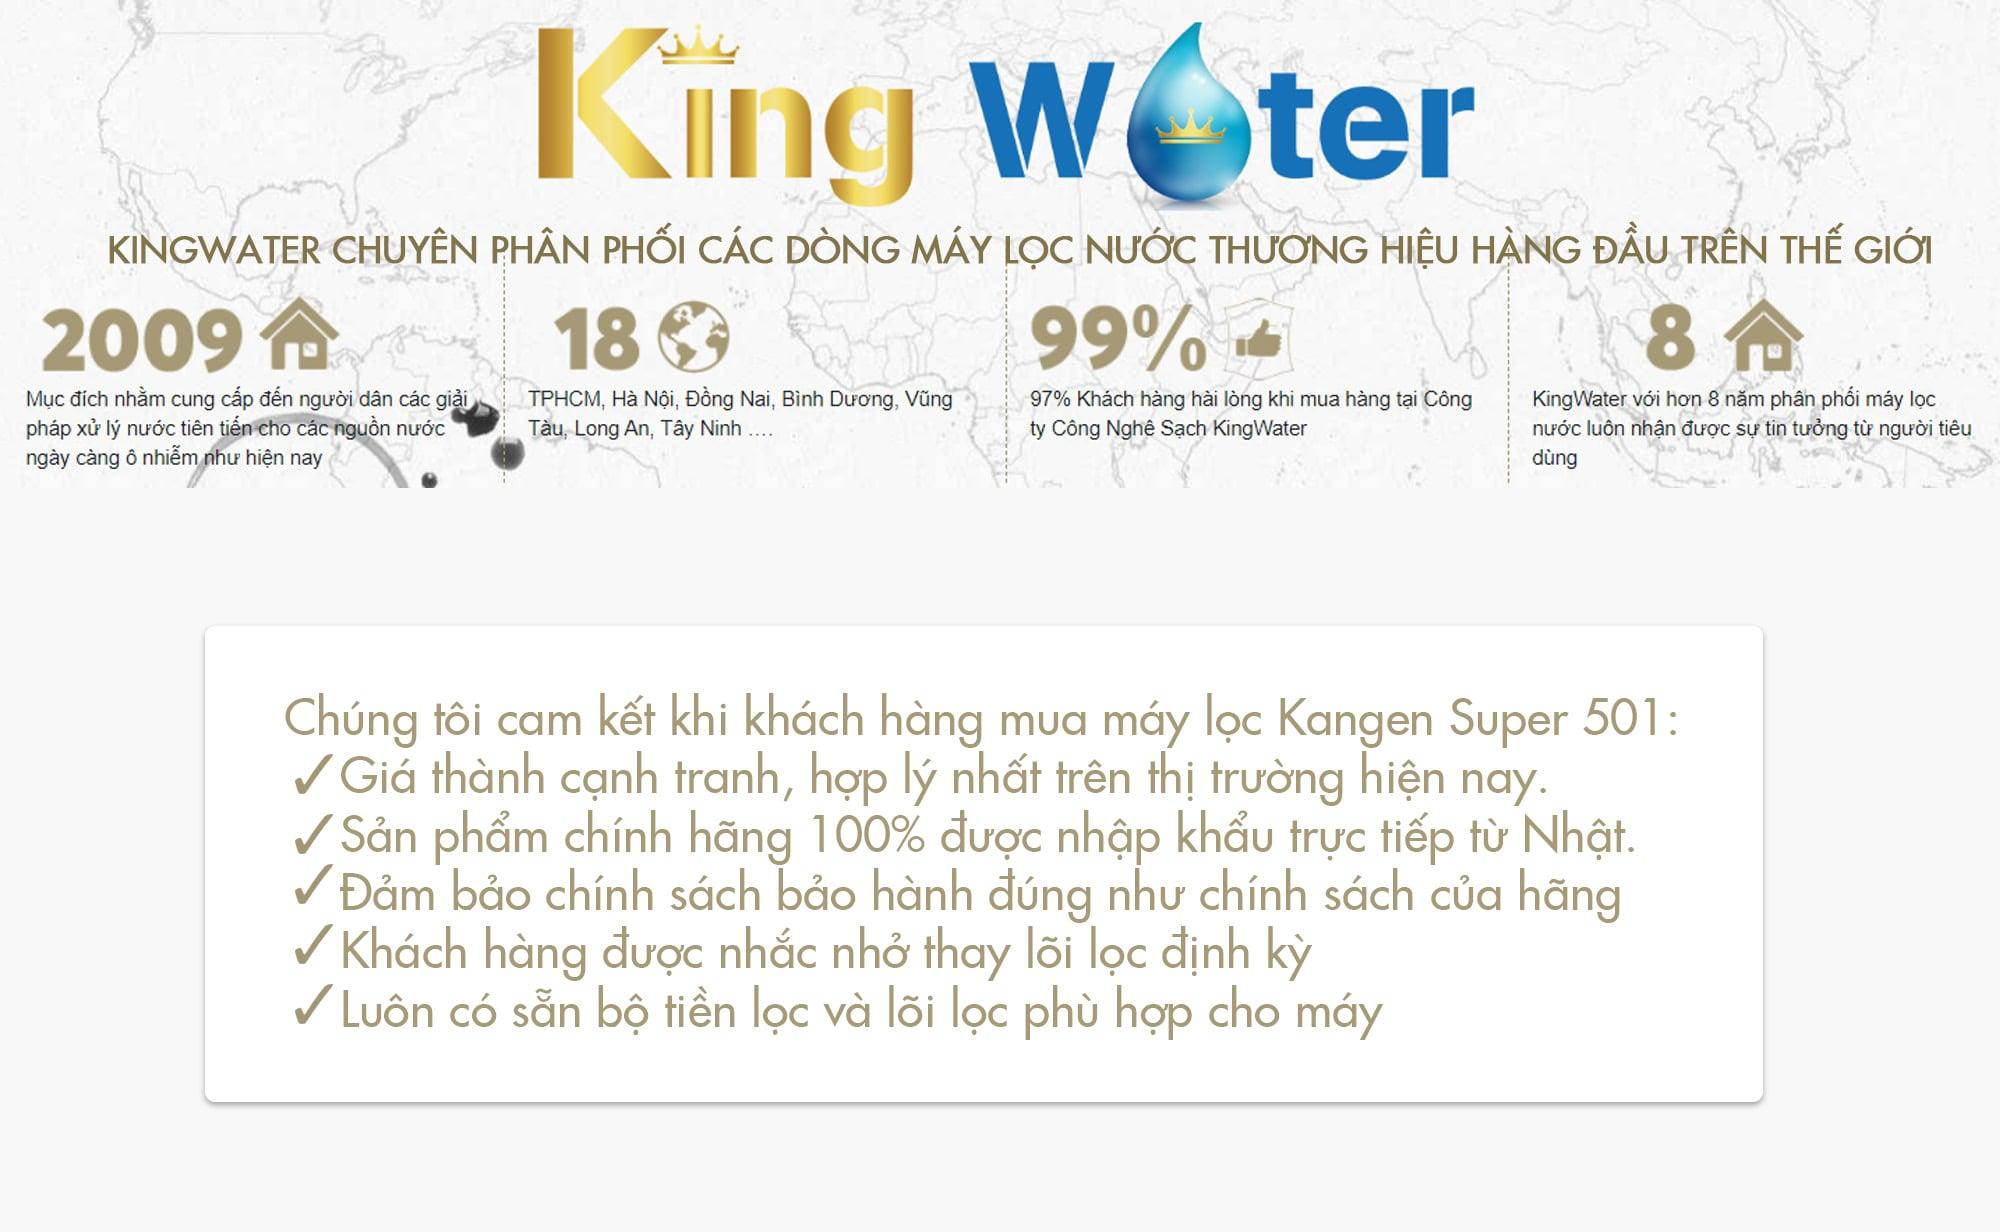 KingWater cam kết khi khách hàng mua máy lọc Kangen Super 501